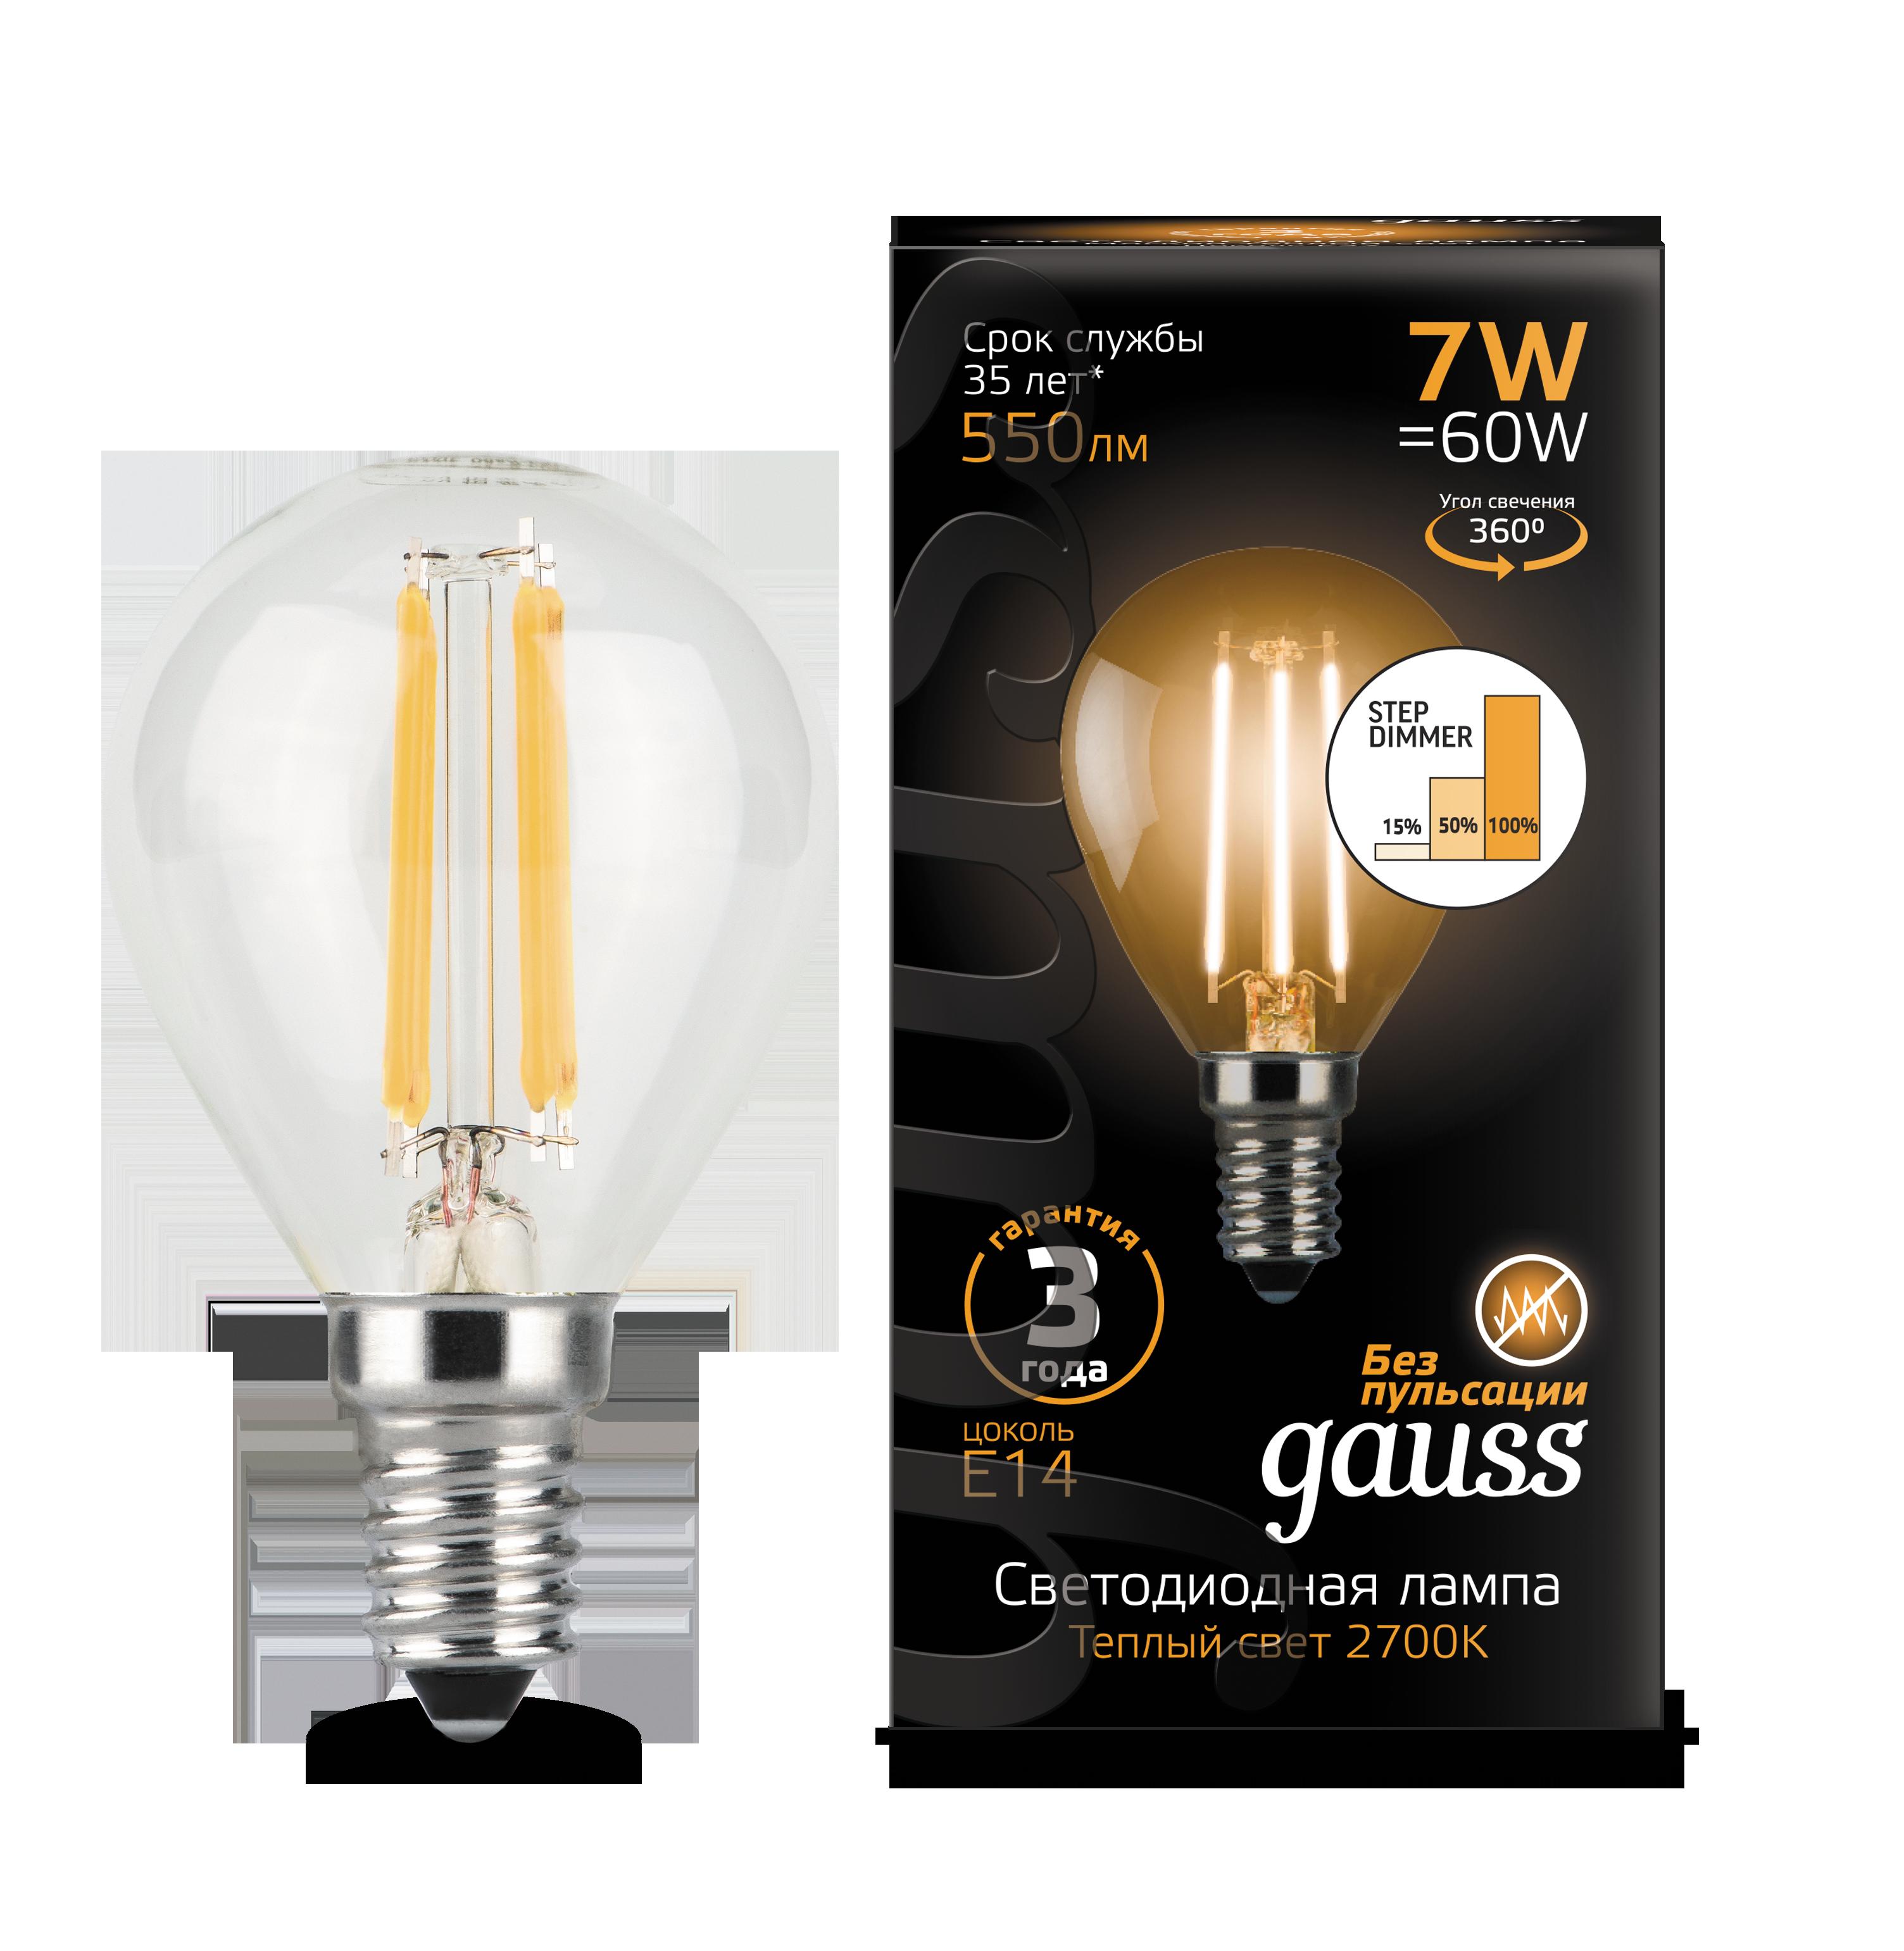 Филаментная светодиодная лампа Gauss 105801107-S шар малый E14 7W, 2700K (теплый) CRI>90 185-265V, диммируемая, гарантия 3 года - фото 1